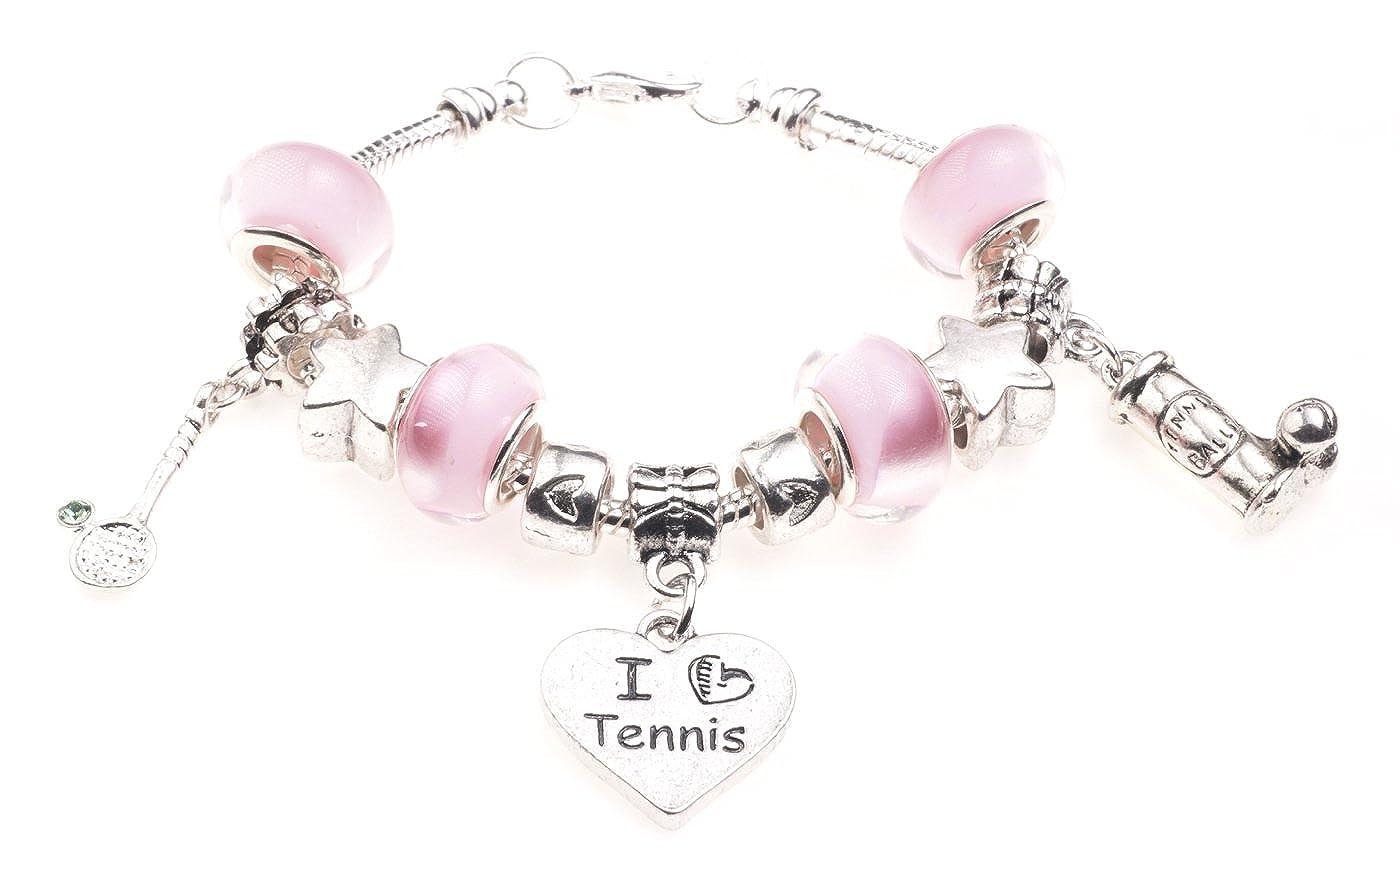 'I love Tennis' Motto Kinder Charm Armband mit Geschenk-Box Mädchen Schmuck Jewellery Hut BRkidsILTennis